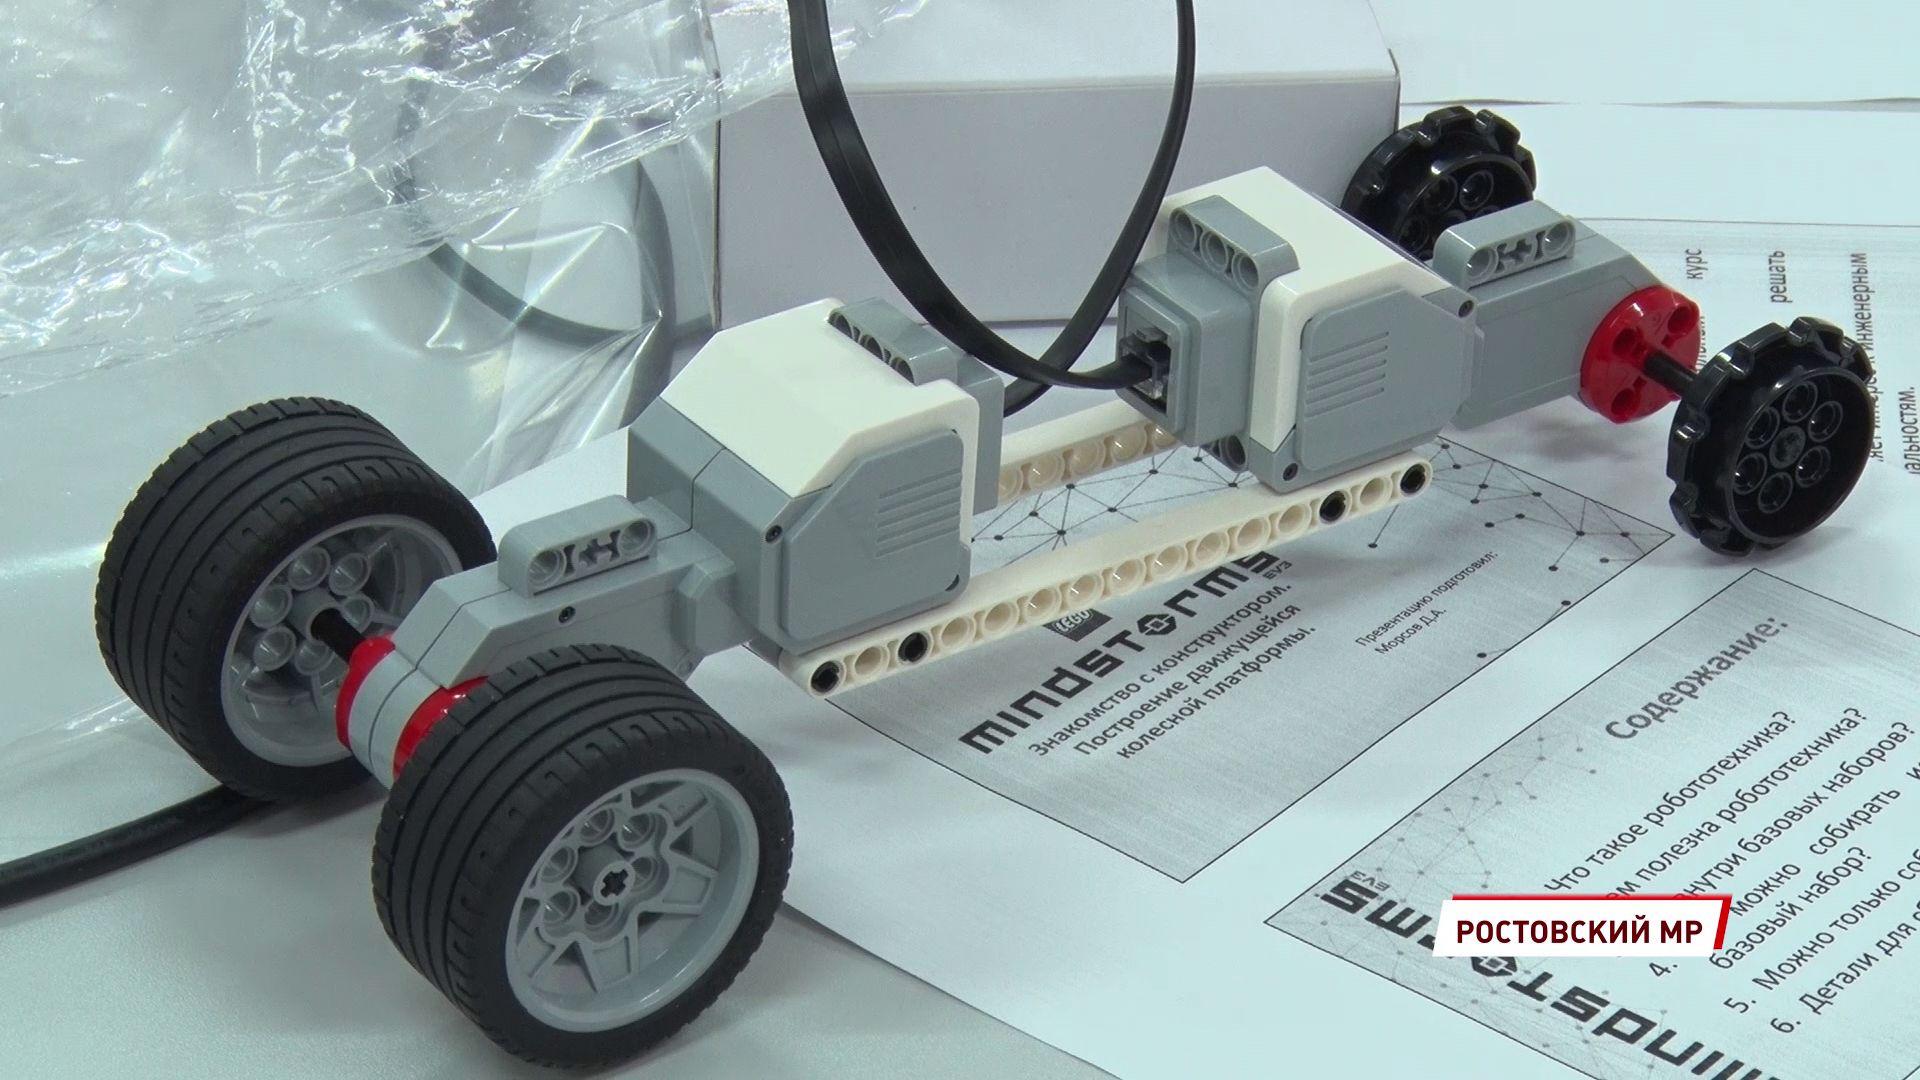 Школьники Ростовского района конструируют роботов прямо на уроках